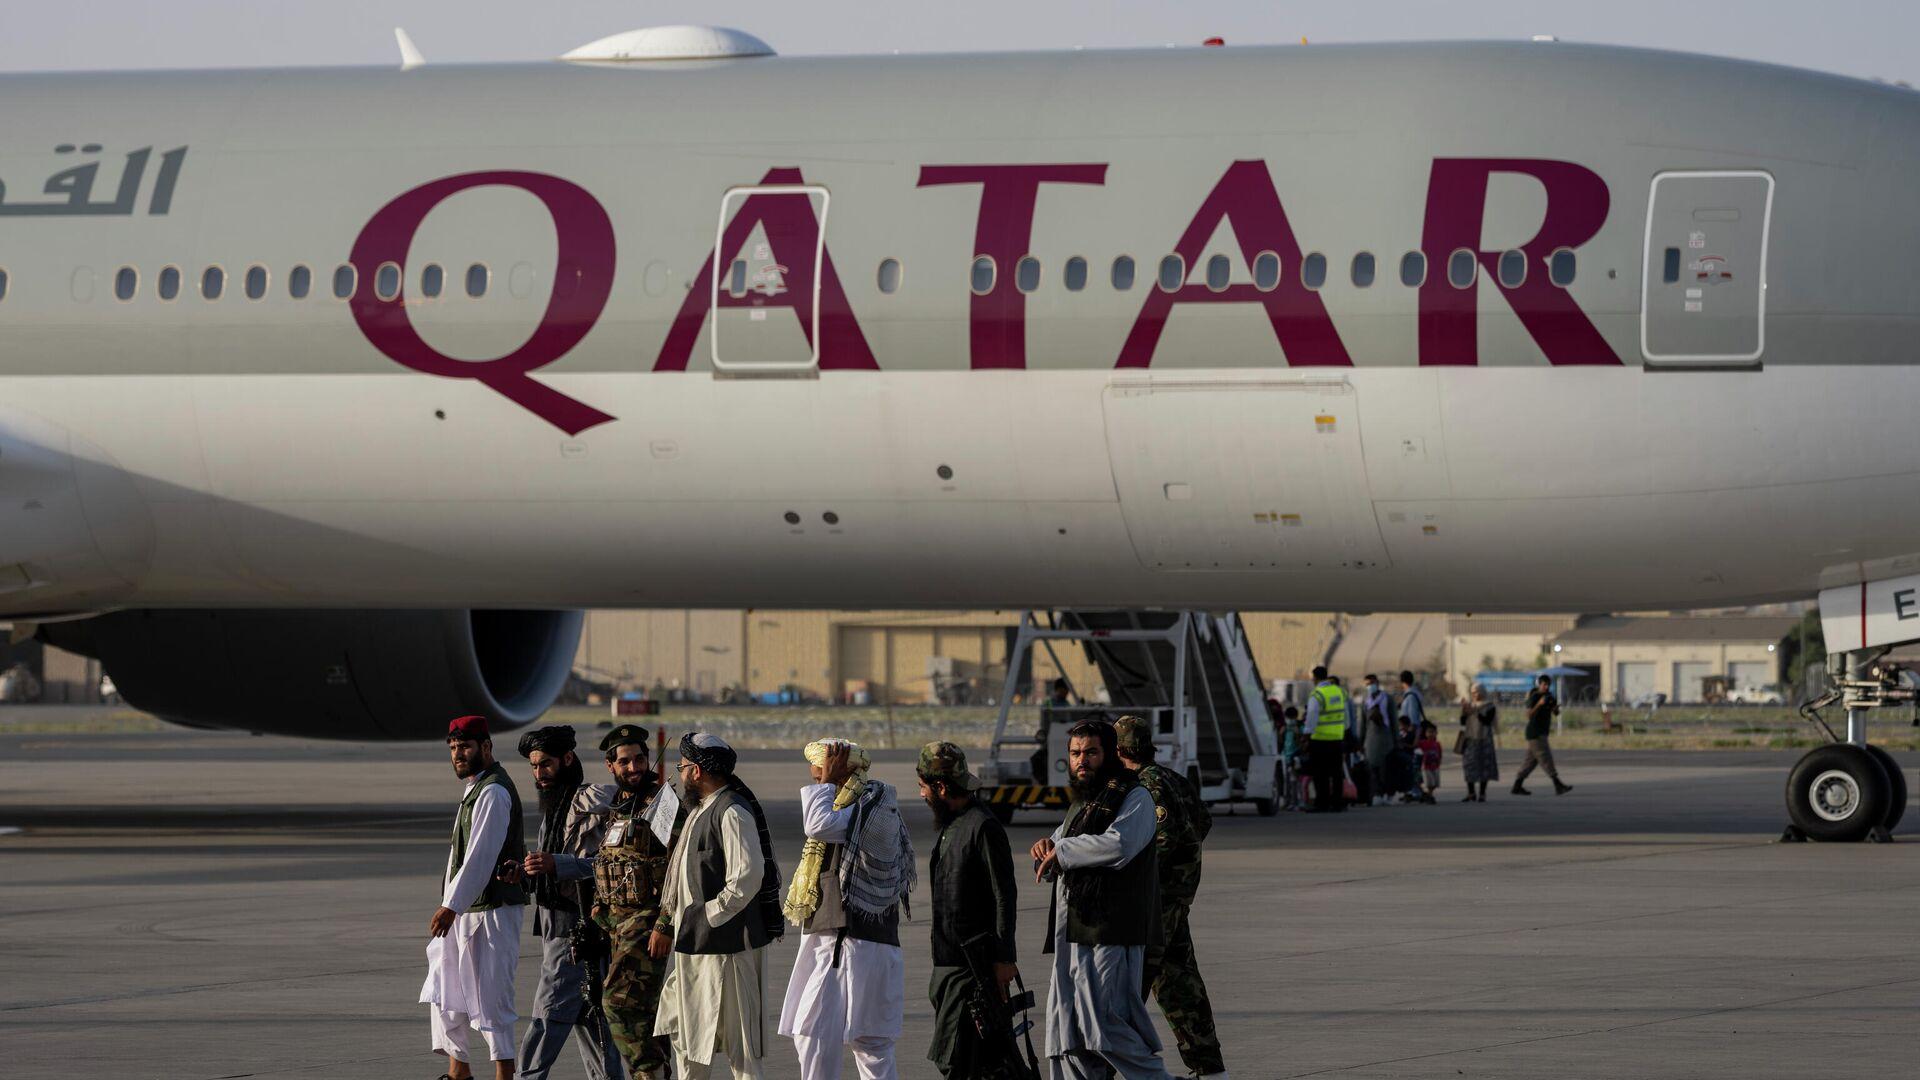 Талибан* обсудил с США открытие новой страницы в их отношениях